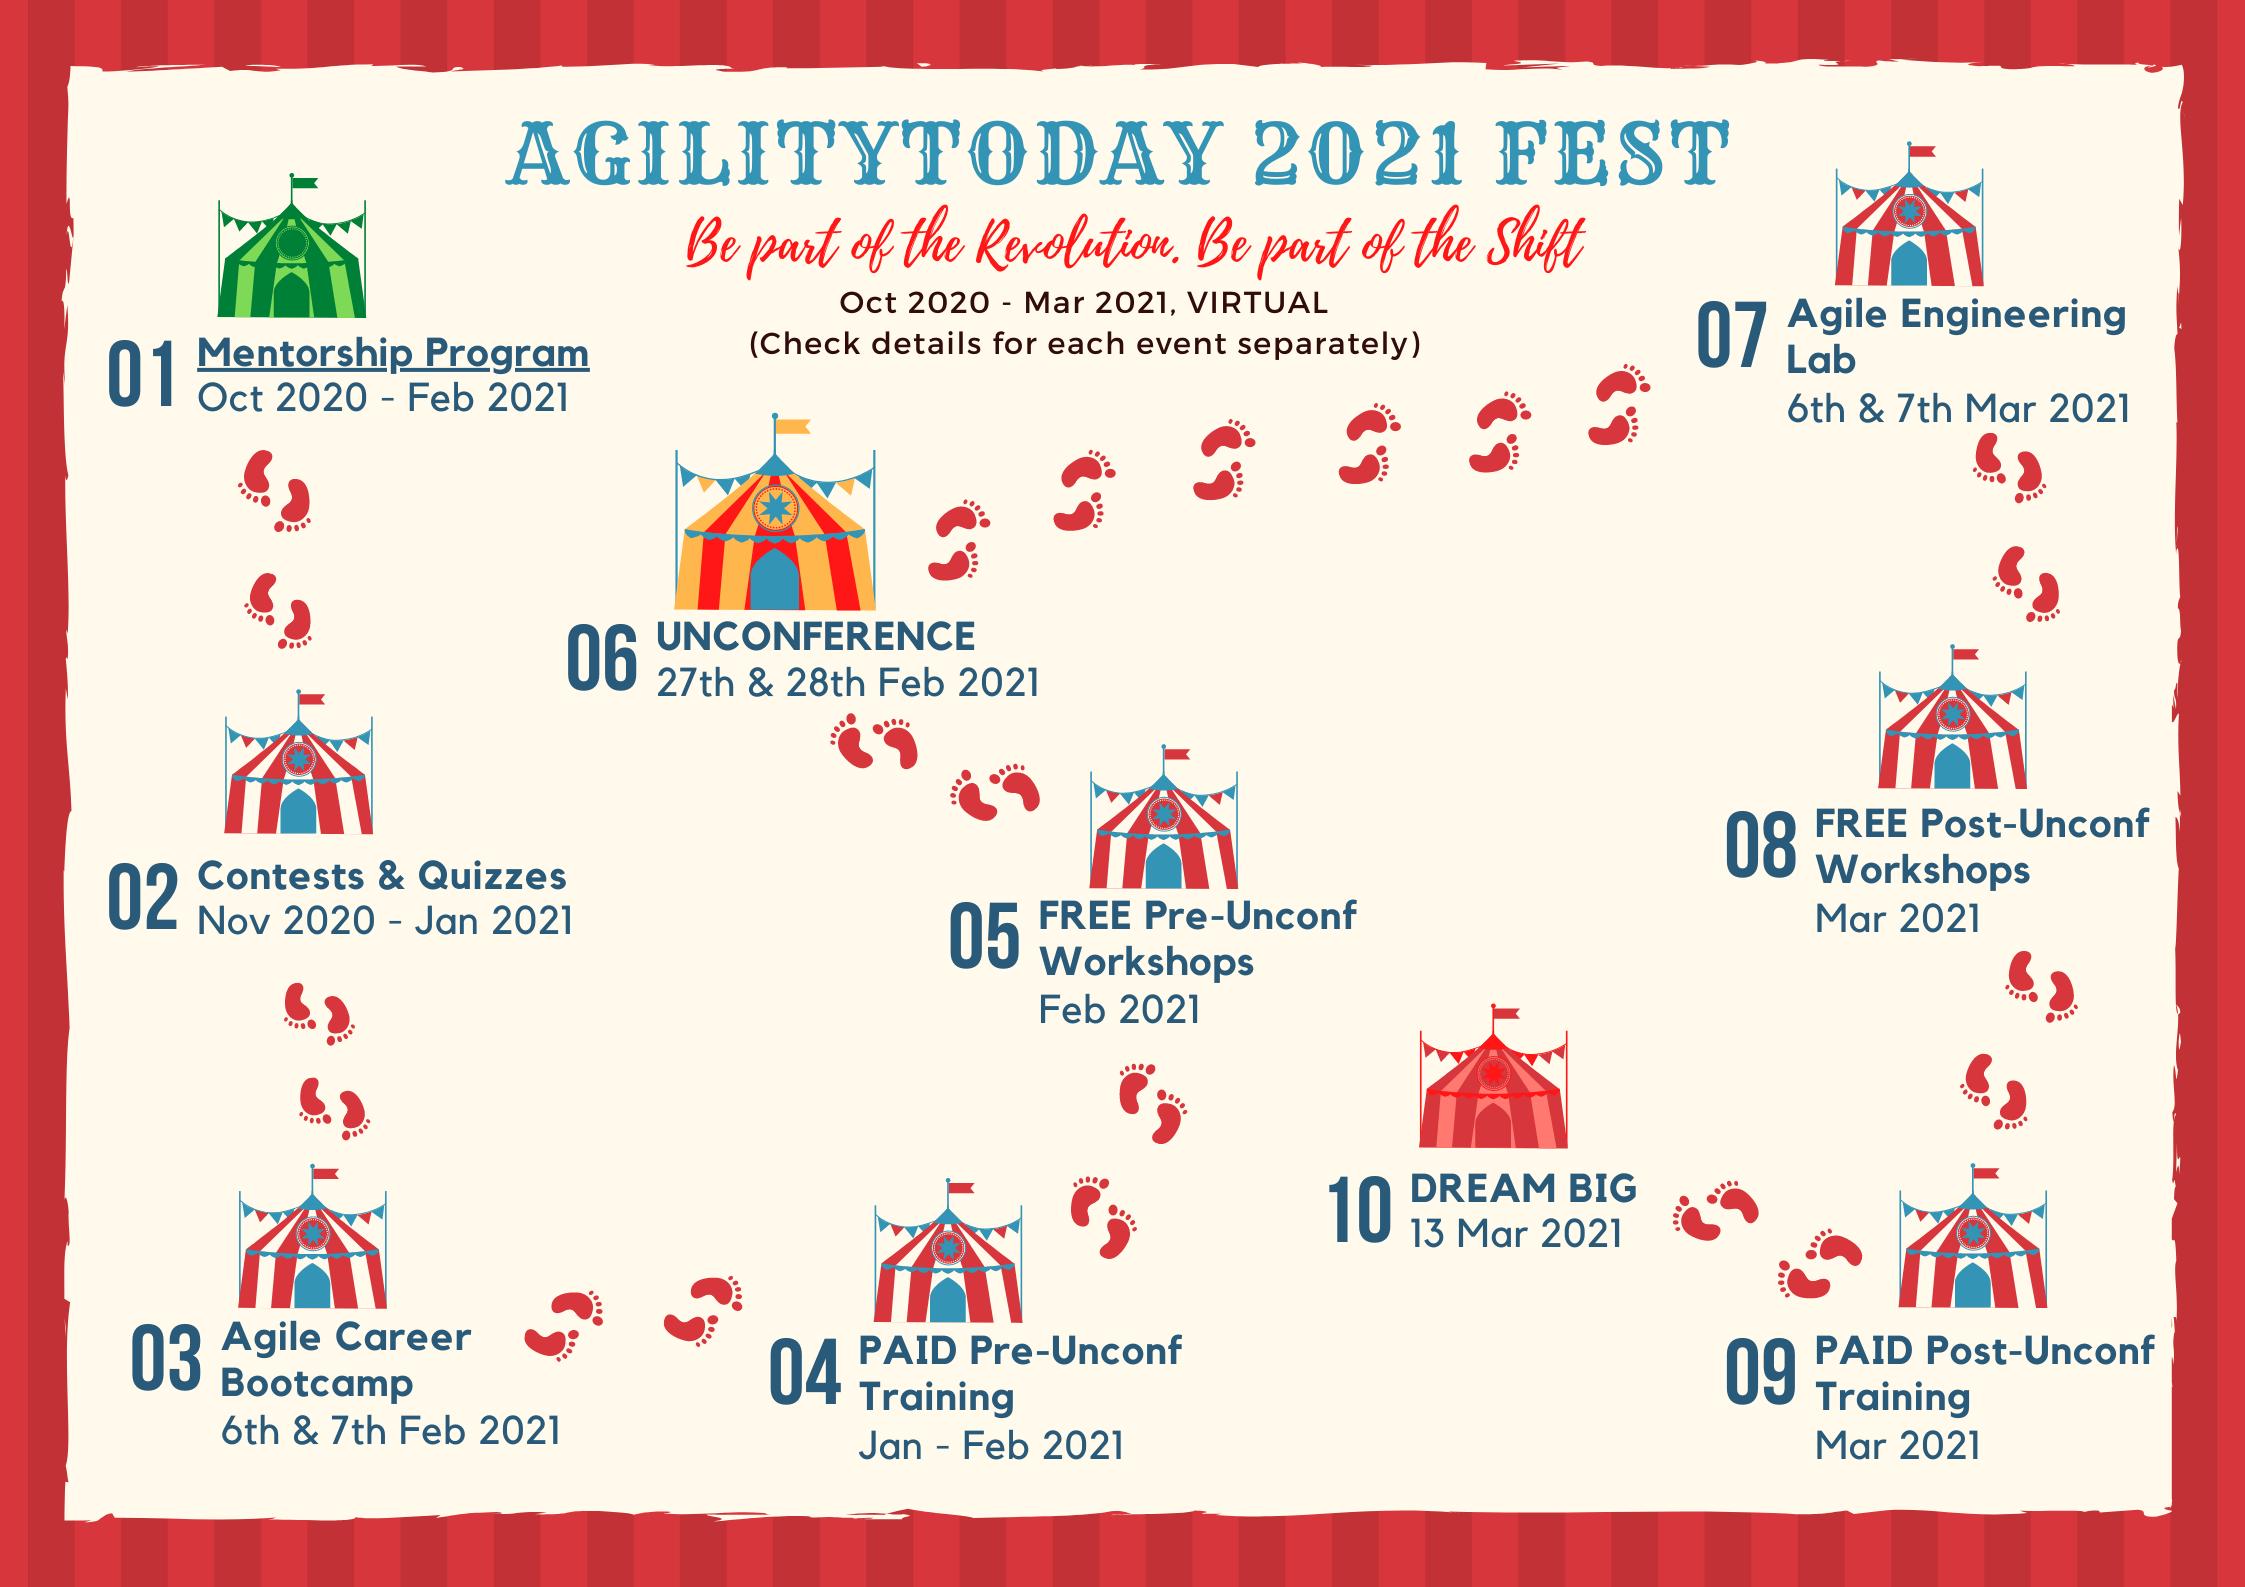 AgilityToday 2021